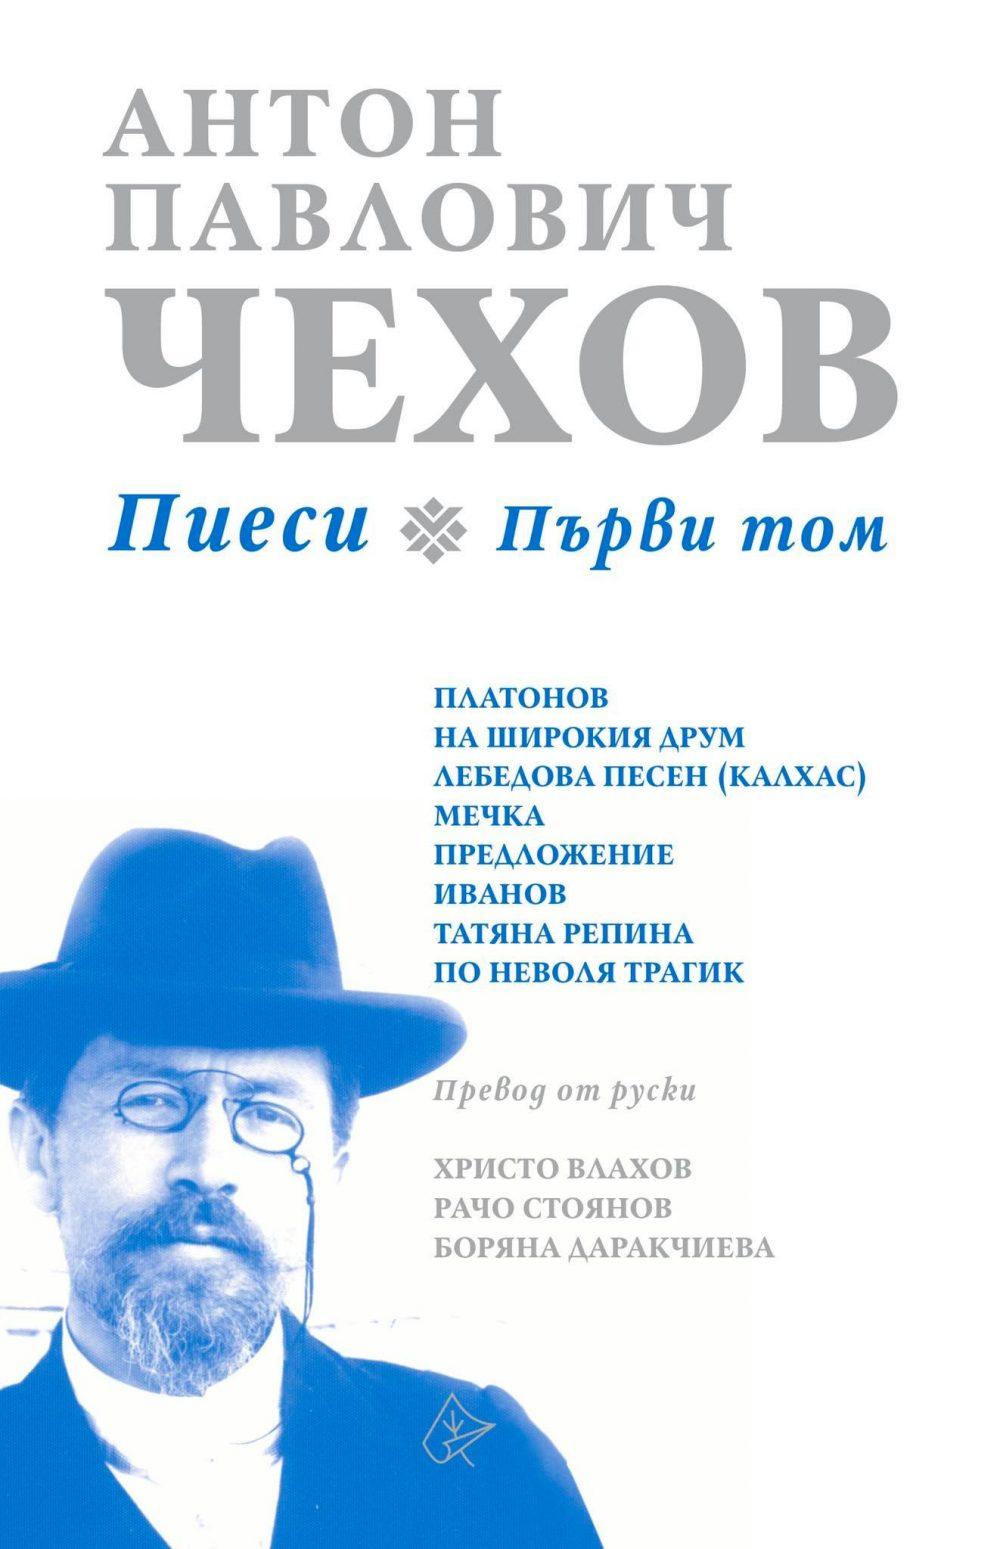 Пиеси, първи том от Антон Чехов